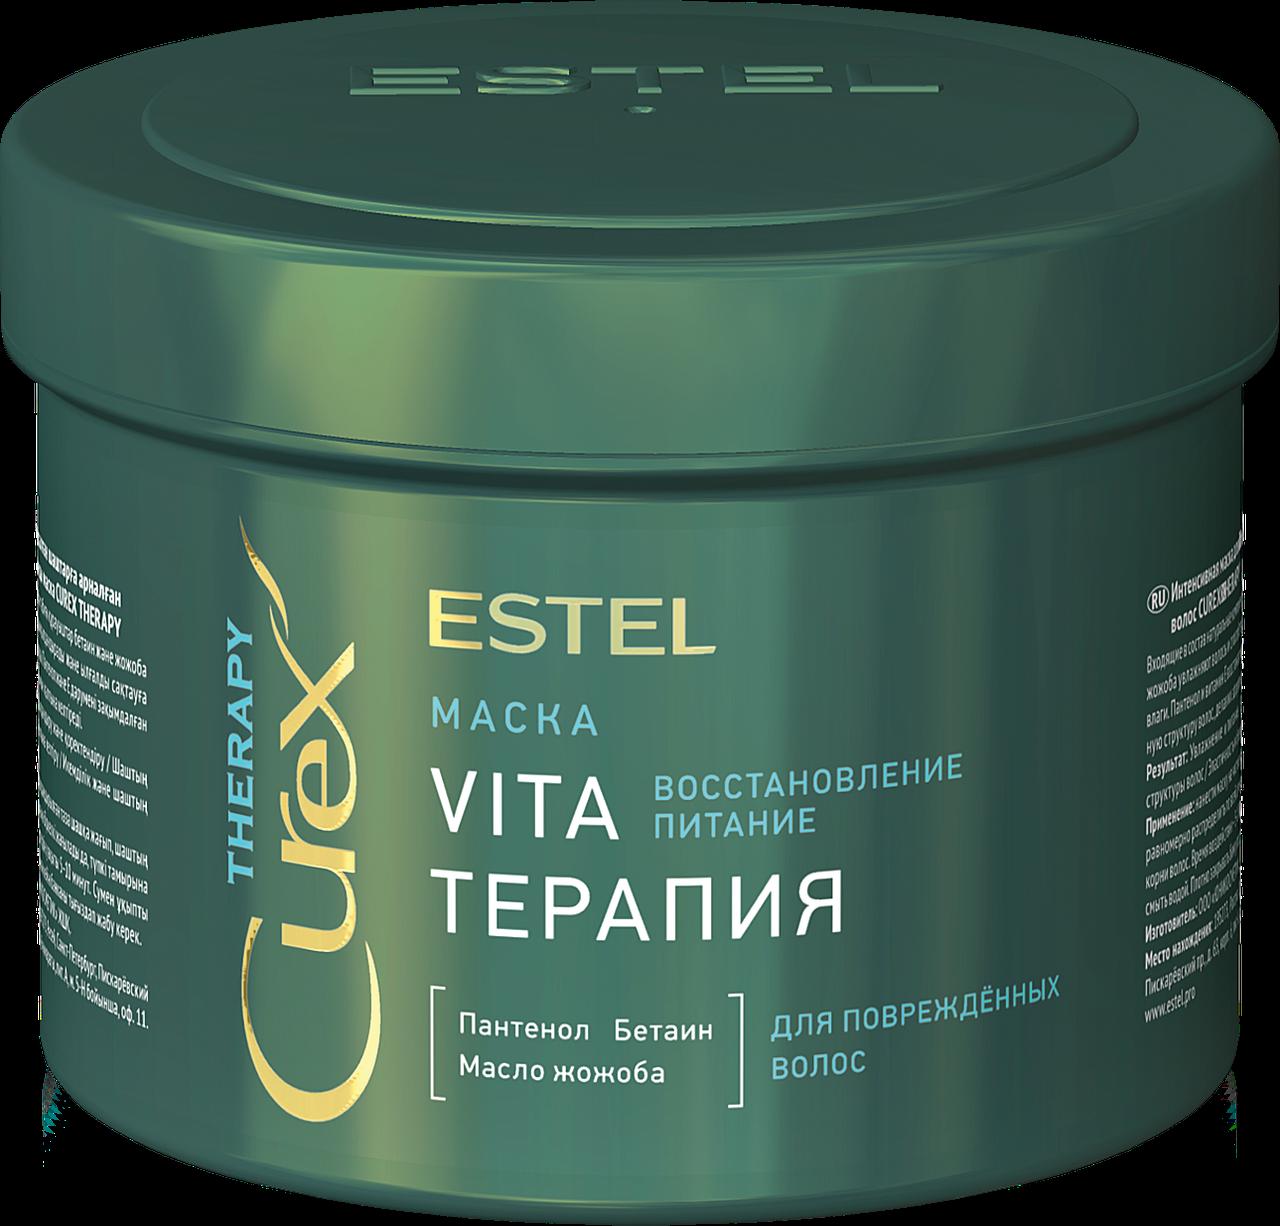 Маска для поврежденных волос Estel CUREX THERAPY , 500ml